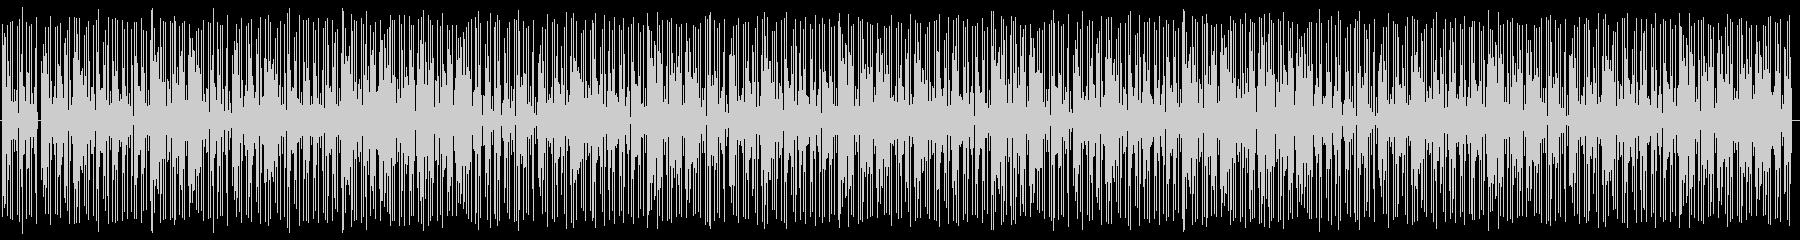 クールなメロディーとオルガンパッド...の未再生の波形